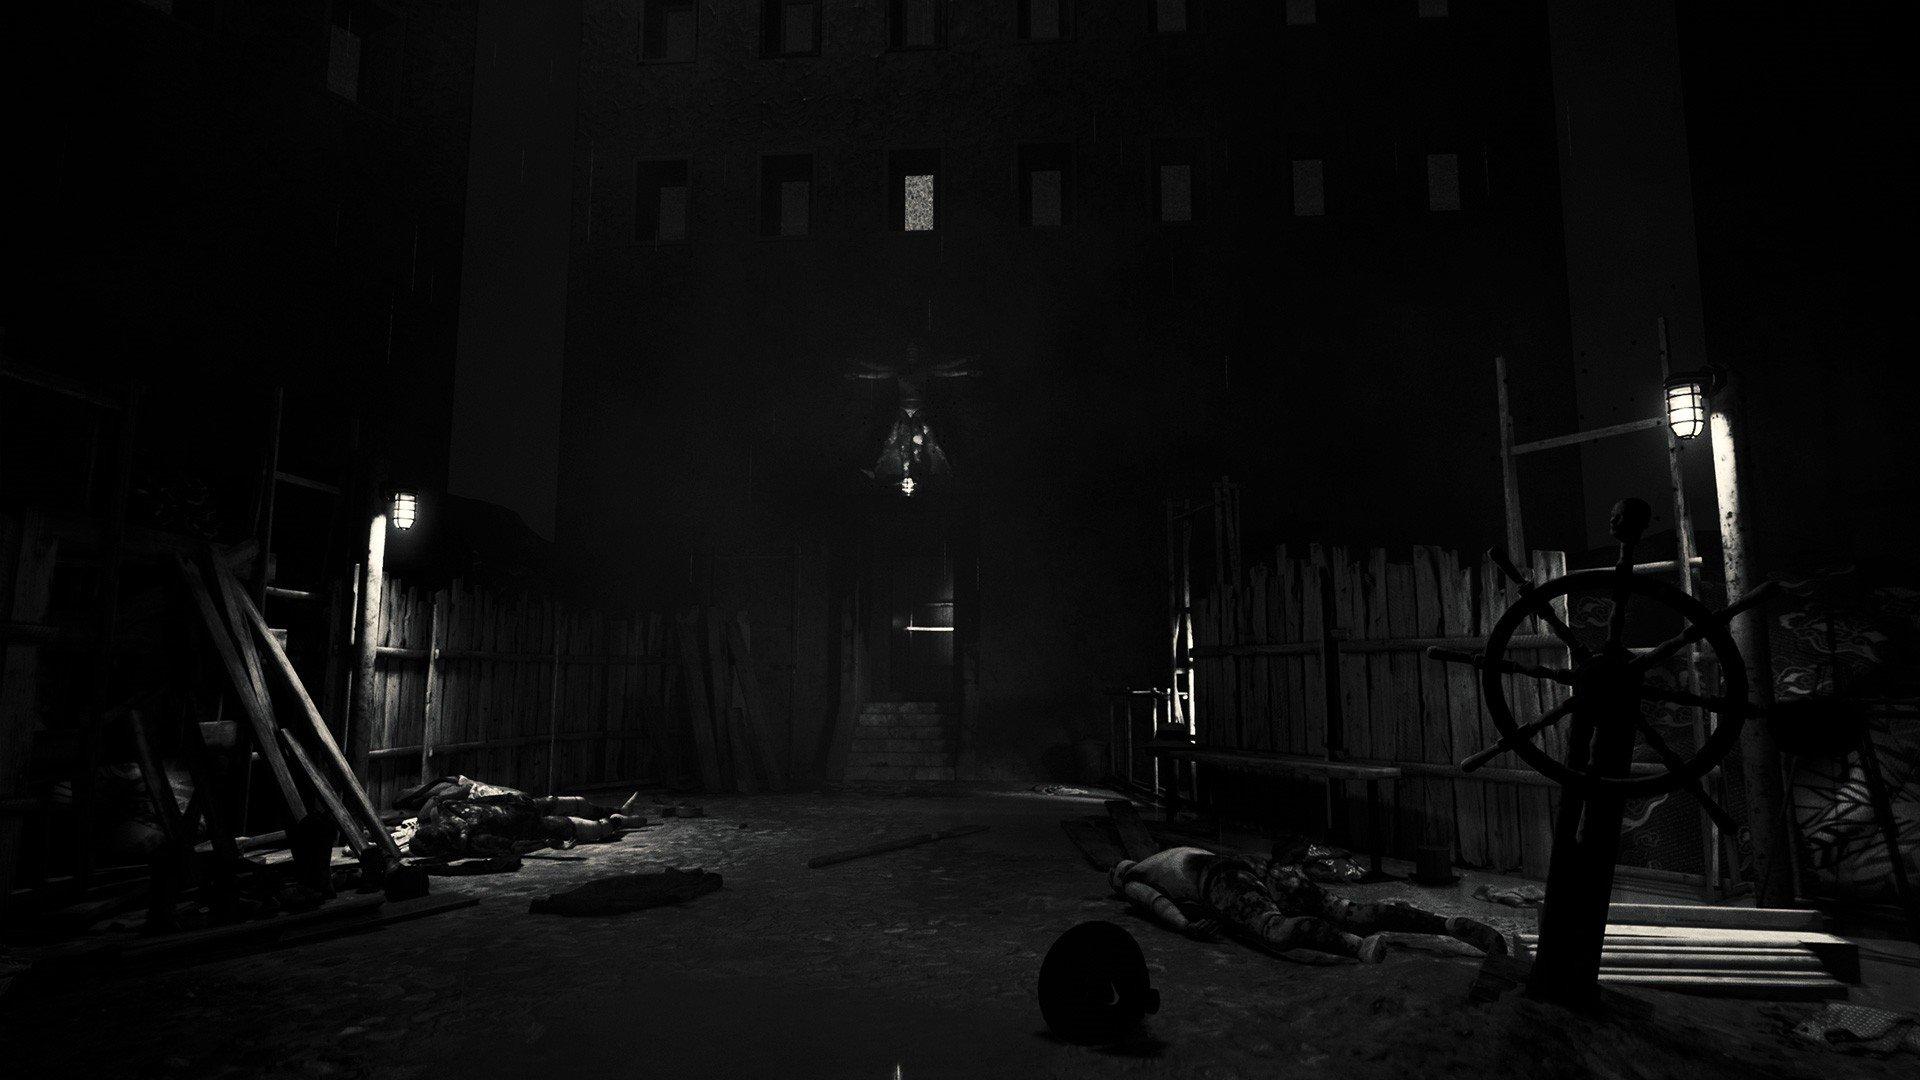 《层层恐惧2》5月28日发售